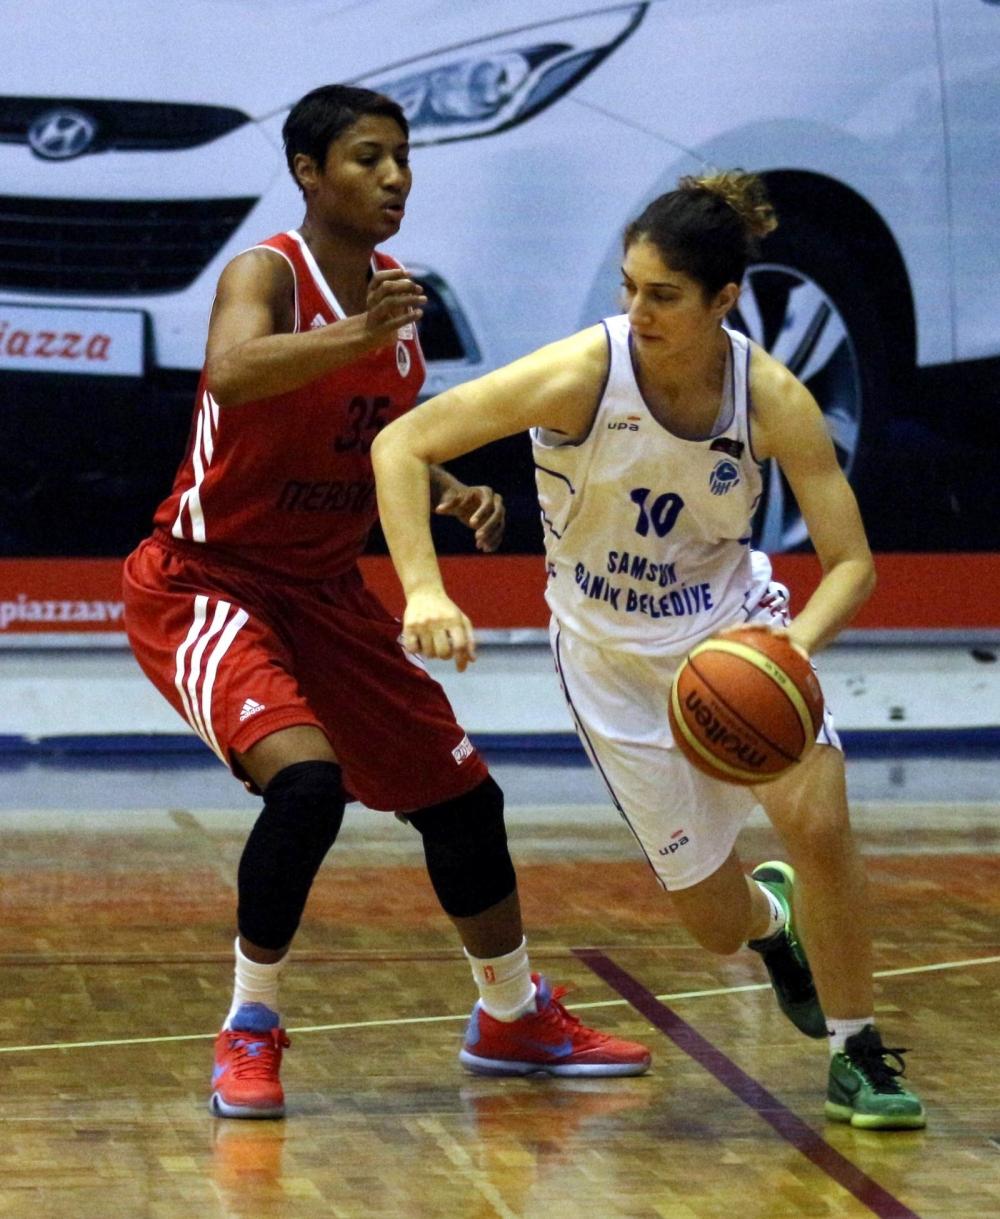 Canik Belediyespor Bayan Basketbol Takımı galerisi resim 3